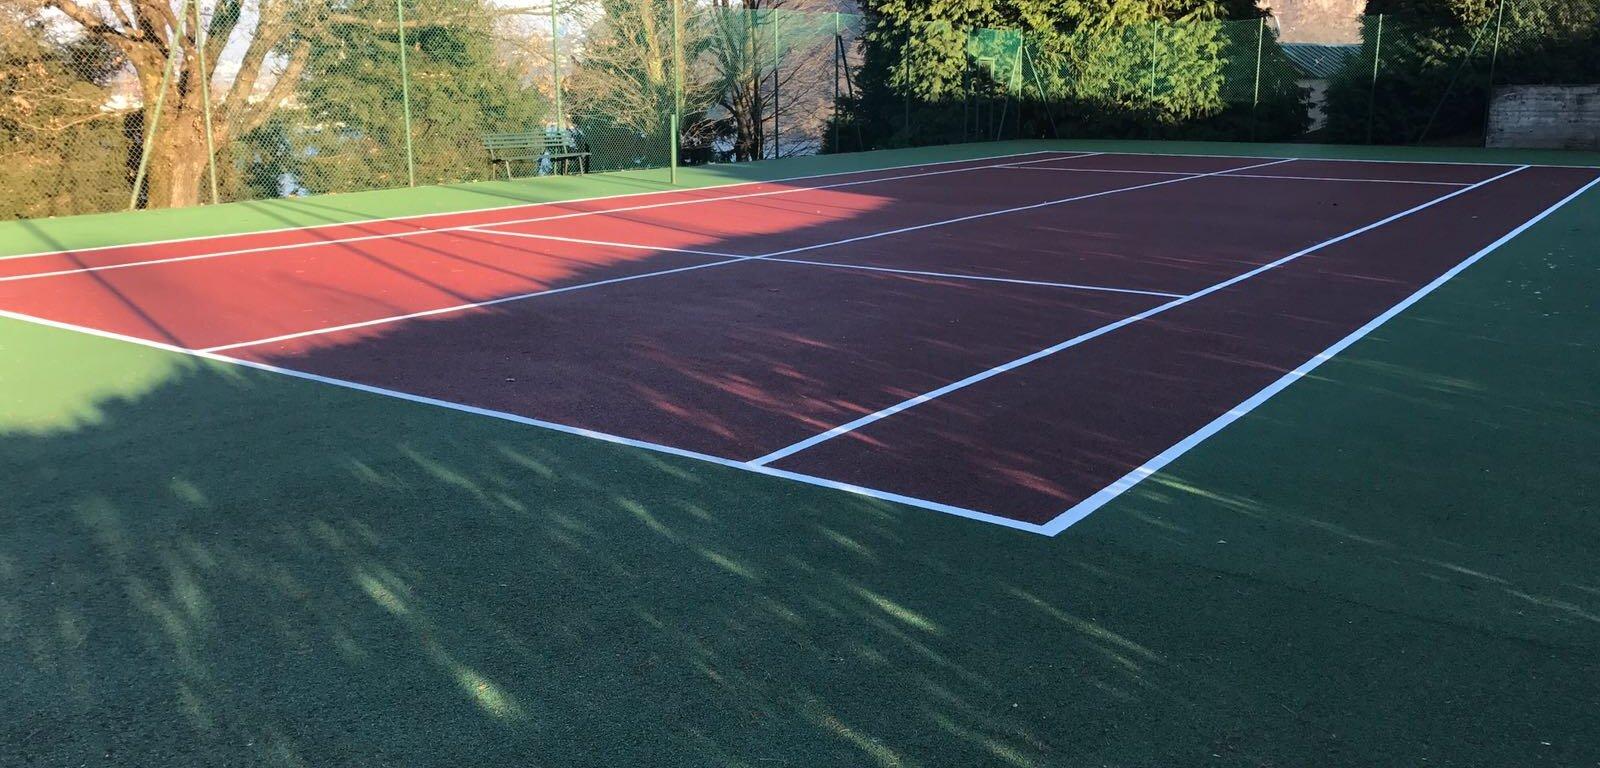 Campo da tennis outdoor rivestito con resina antiscivolo e anti infortunio.